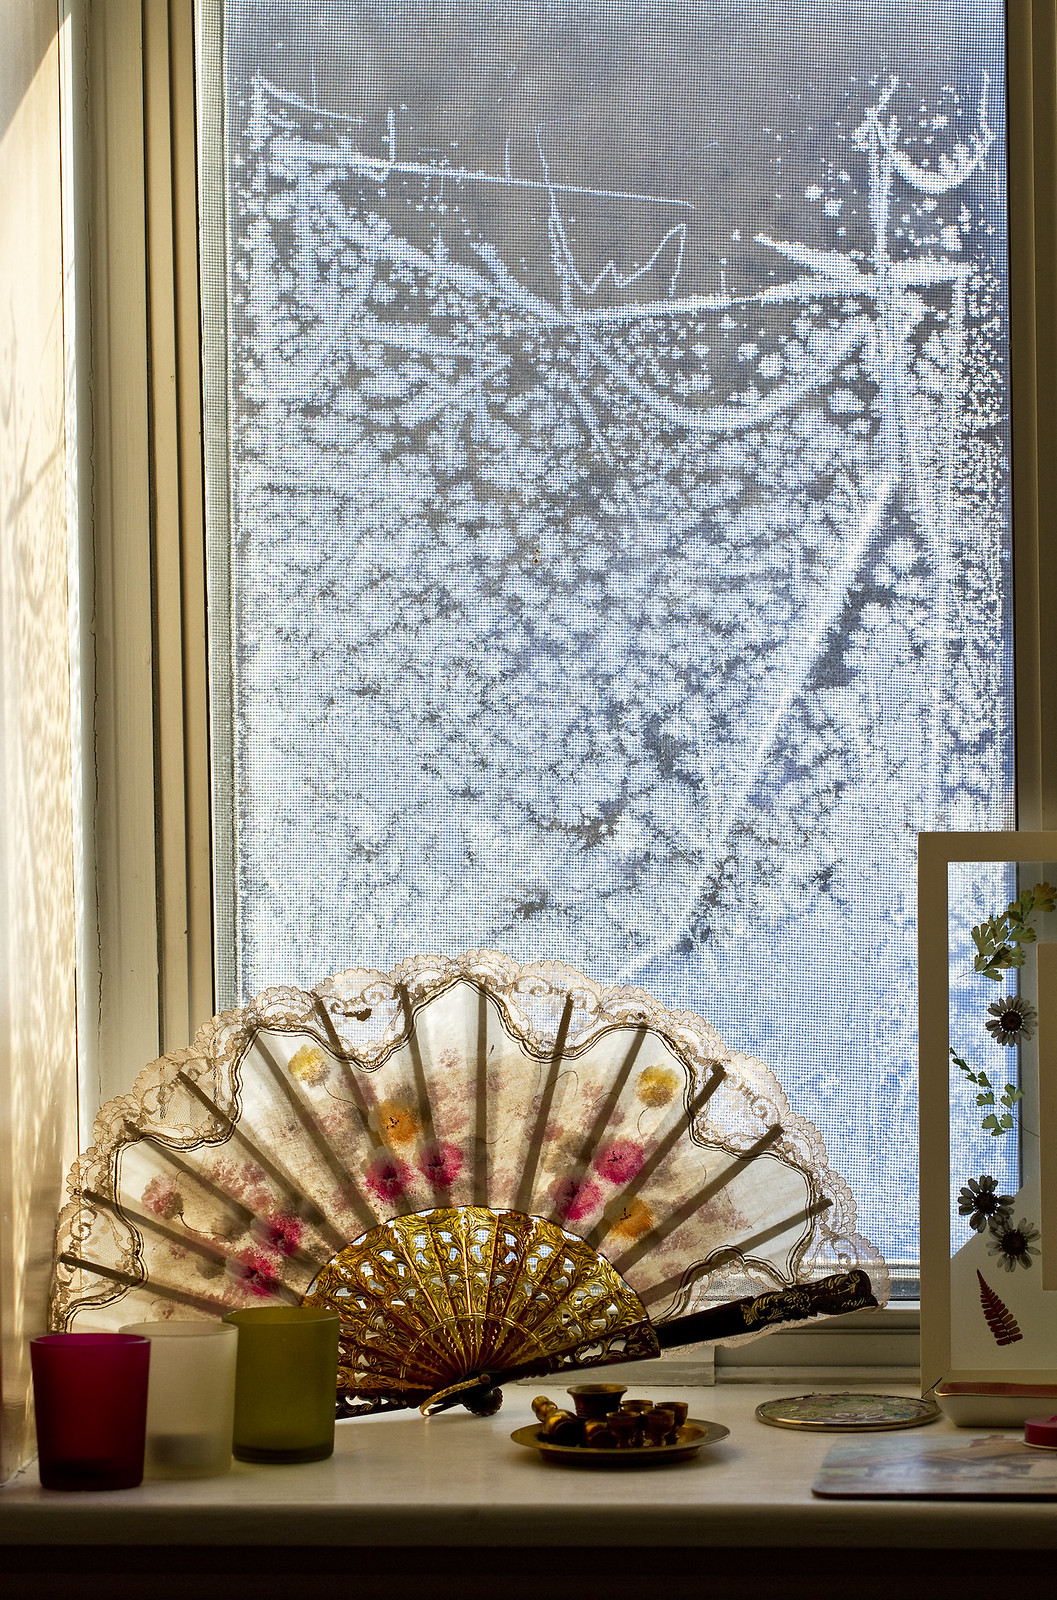 fan of frost